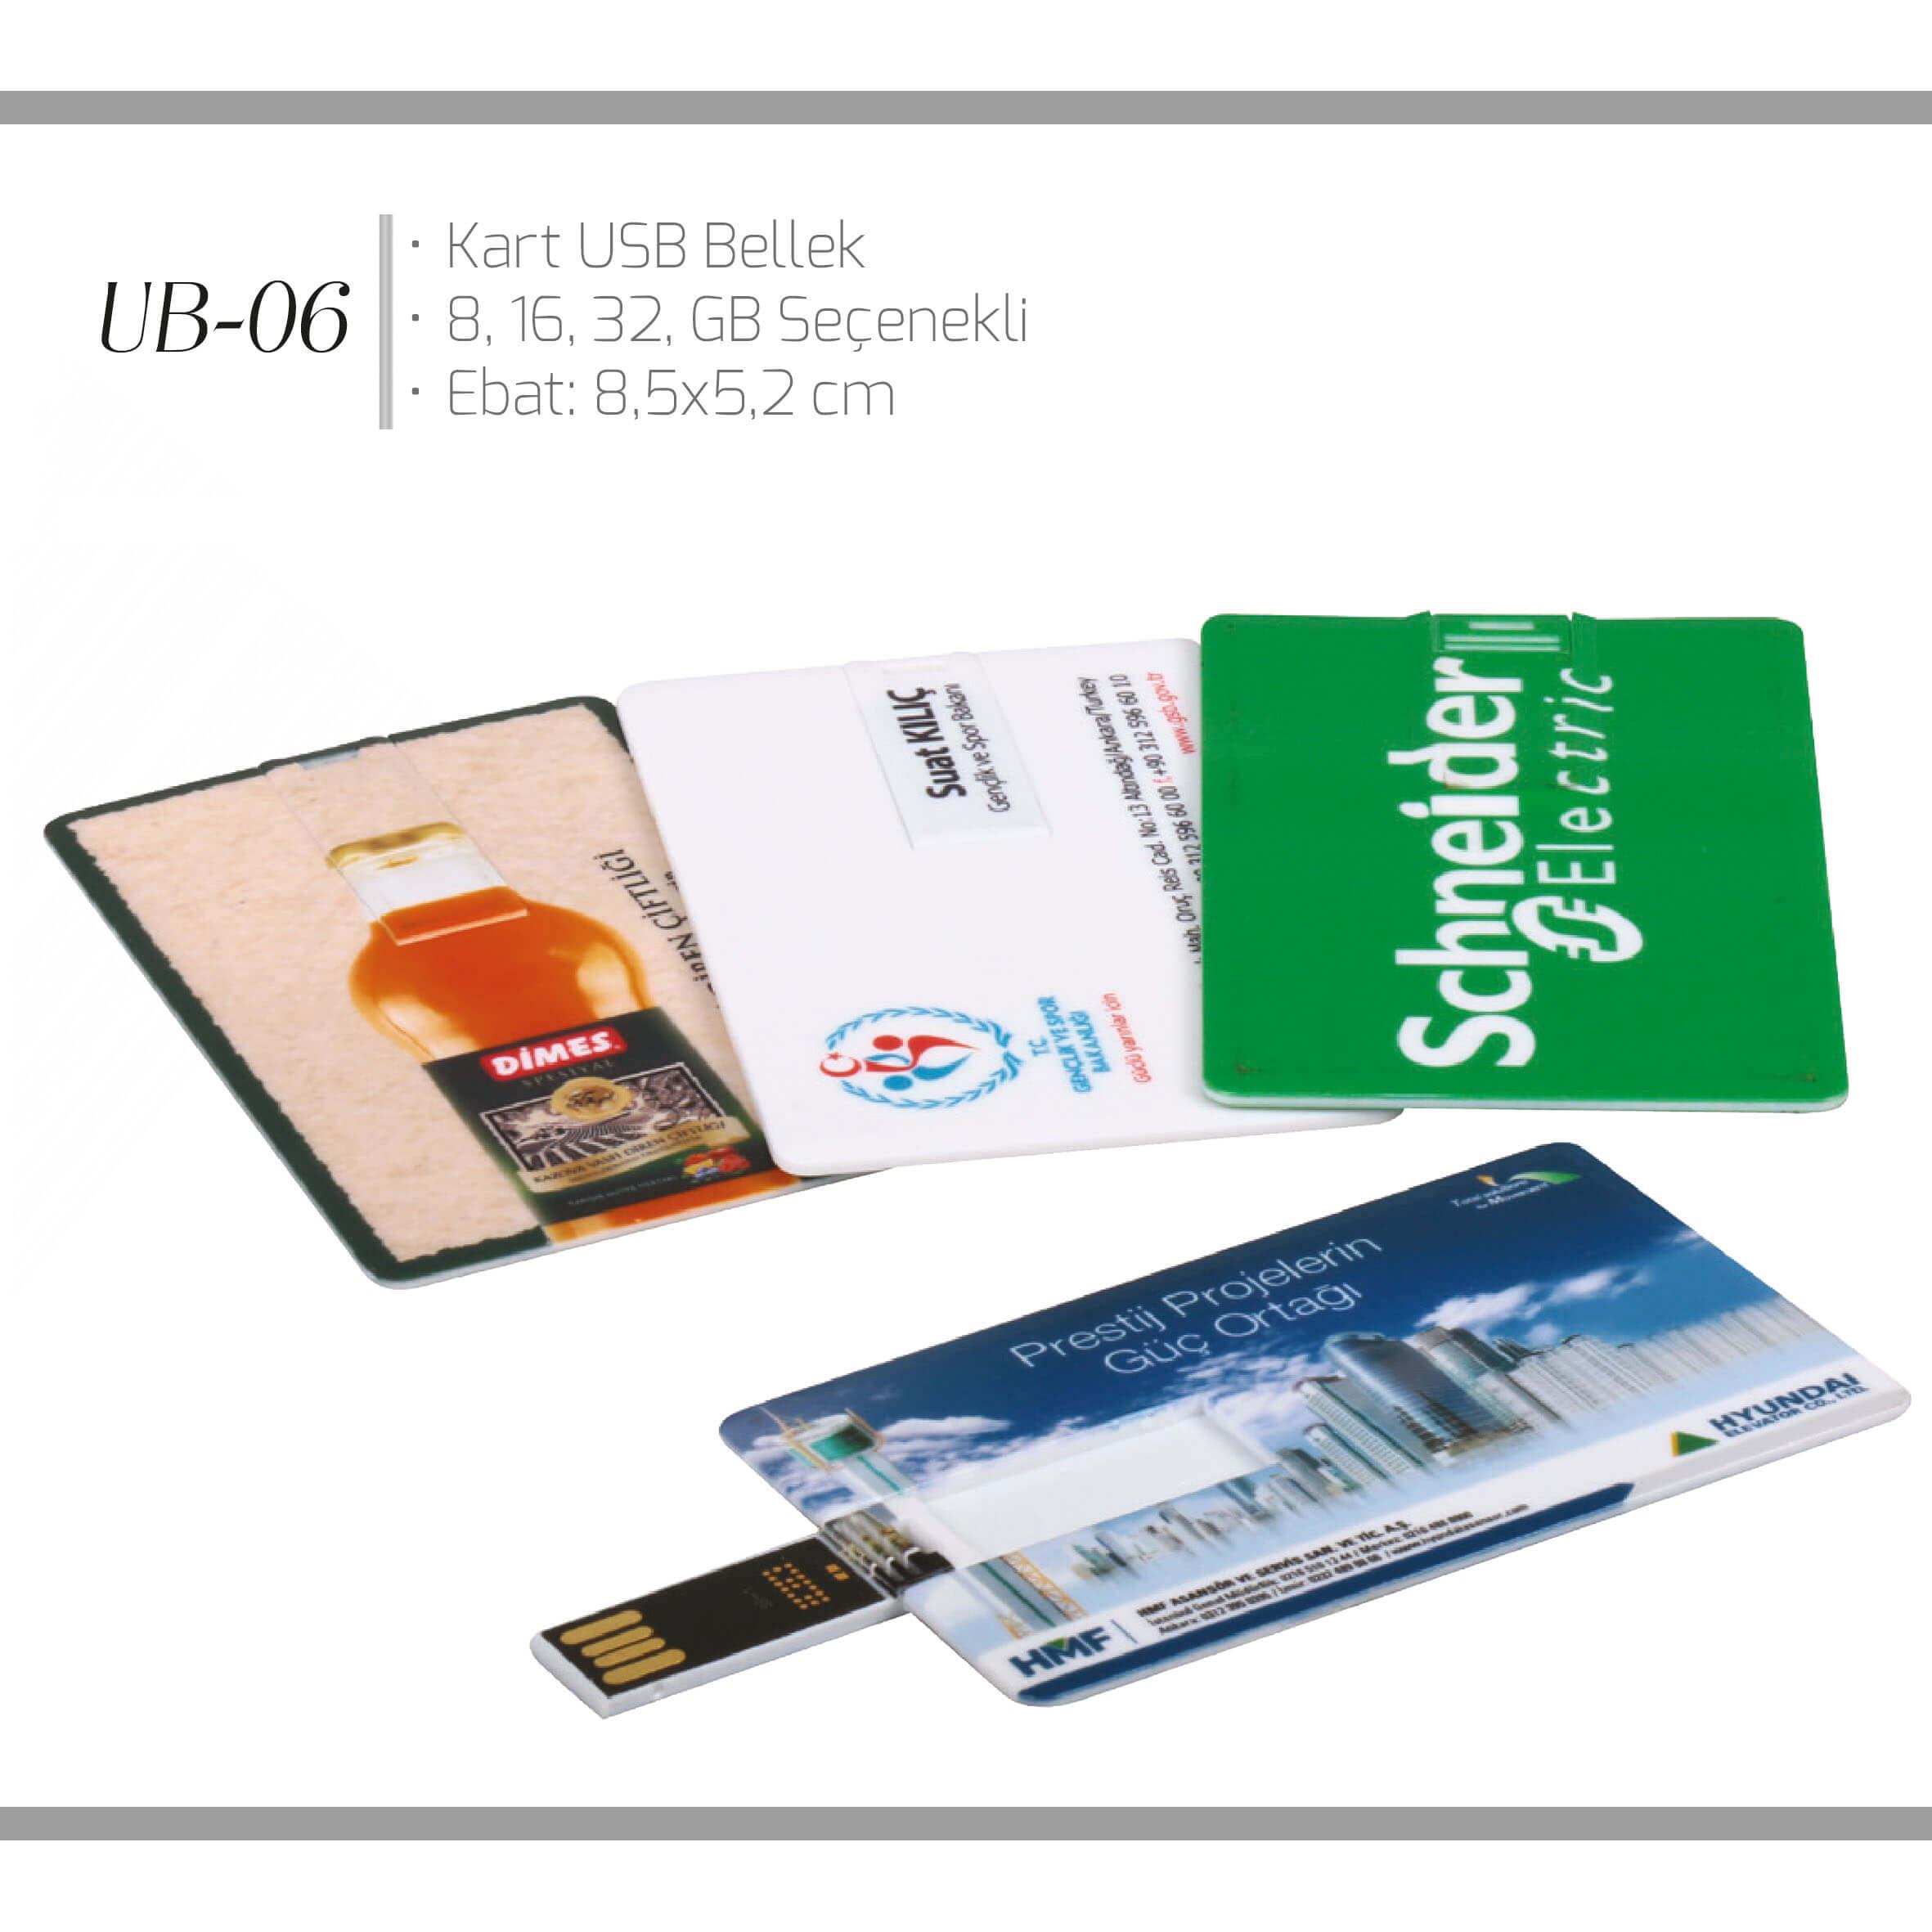 promosyon-promosyon ürünleri-kart usb bellek-promosyon UB-06